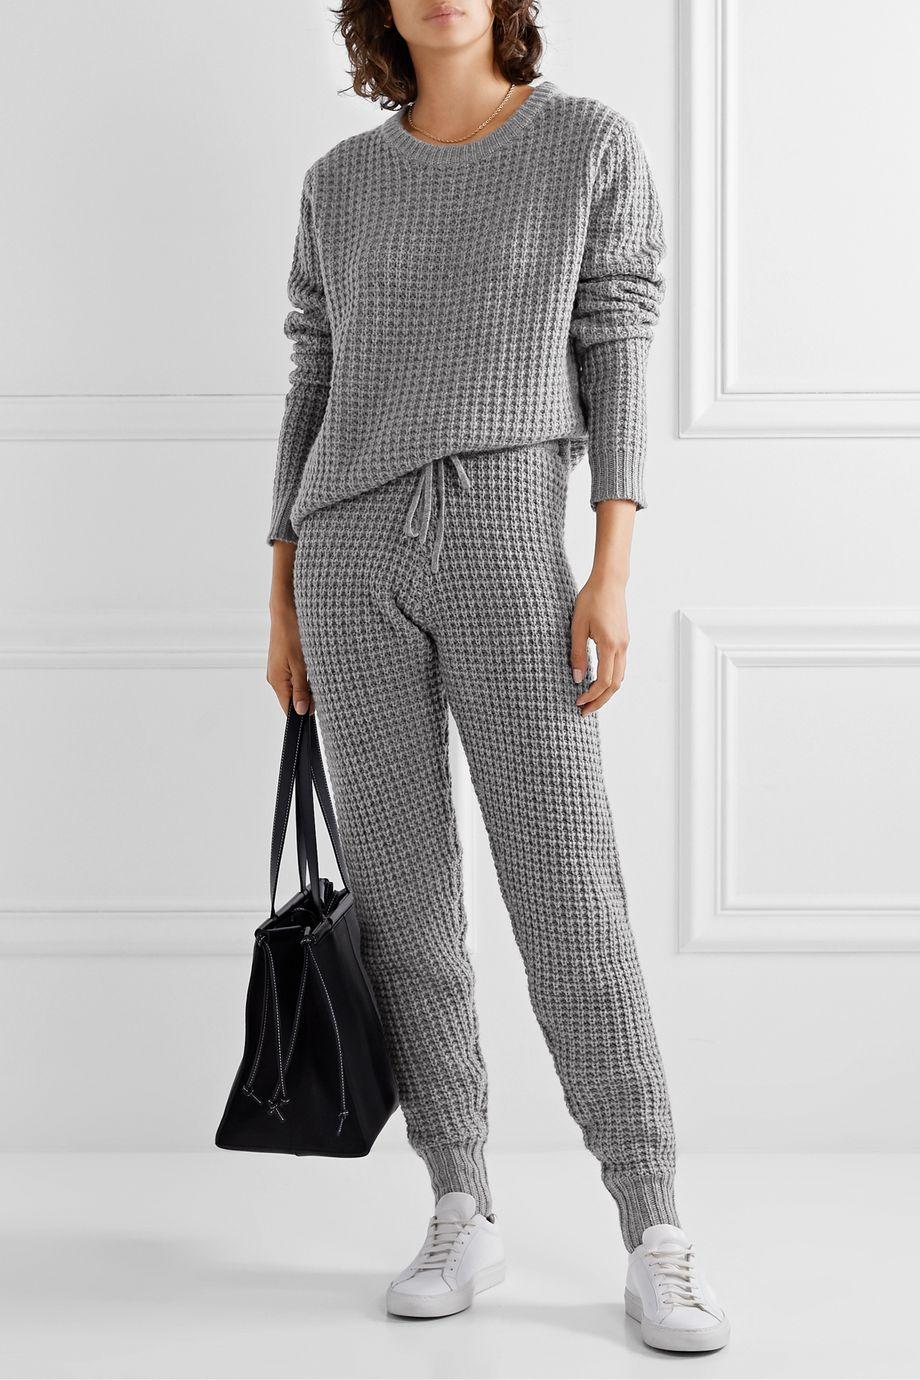 Madeleine Thompson Pantalon de survêtement en laine et cachemire mélangés à mailles gaufrées Oceanus